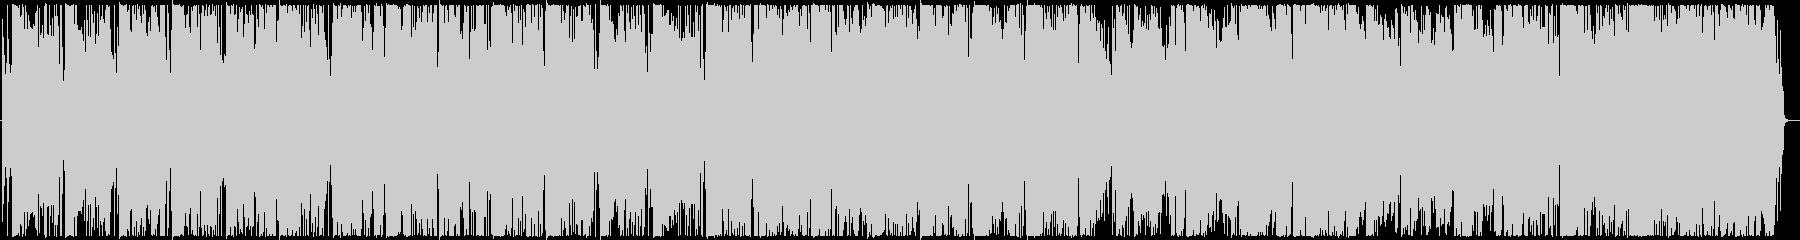 感電スの未再生の波形